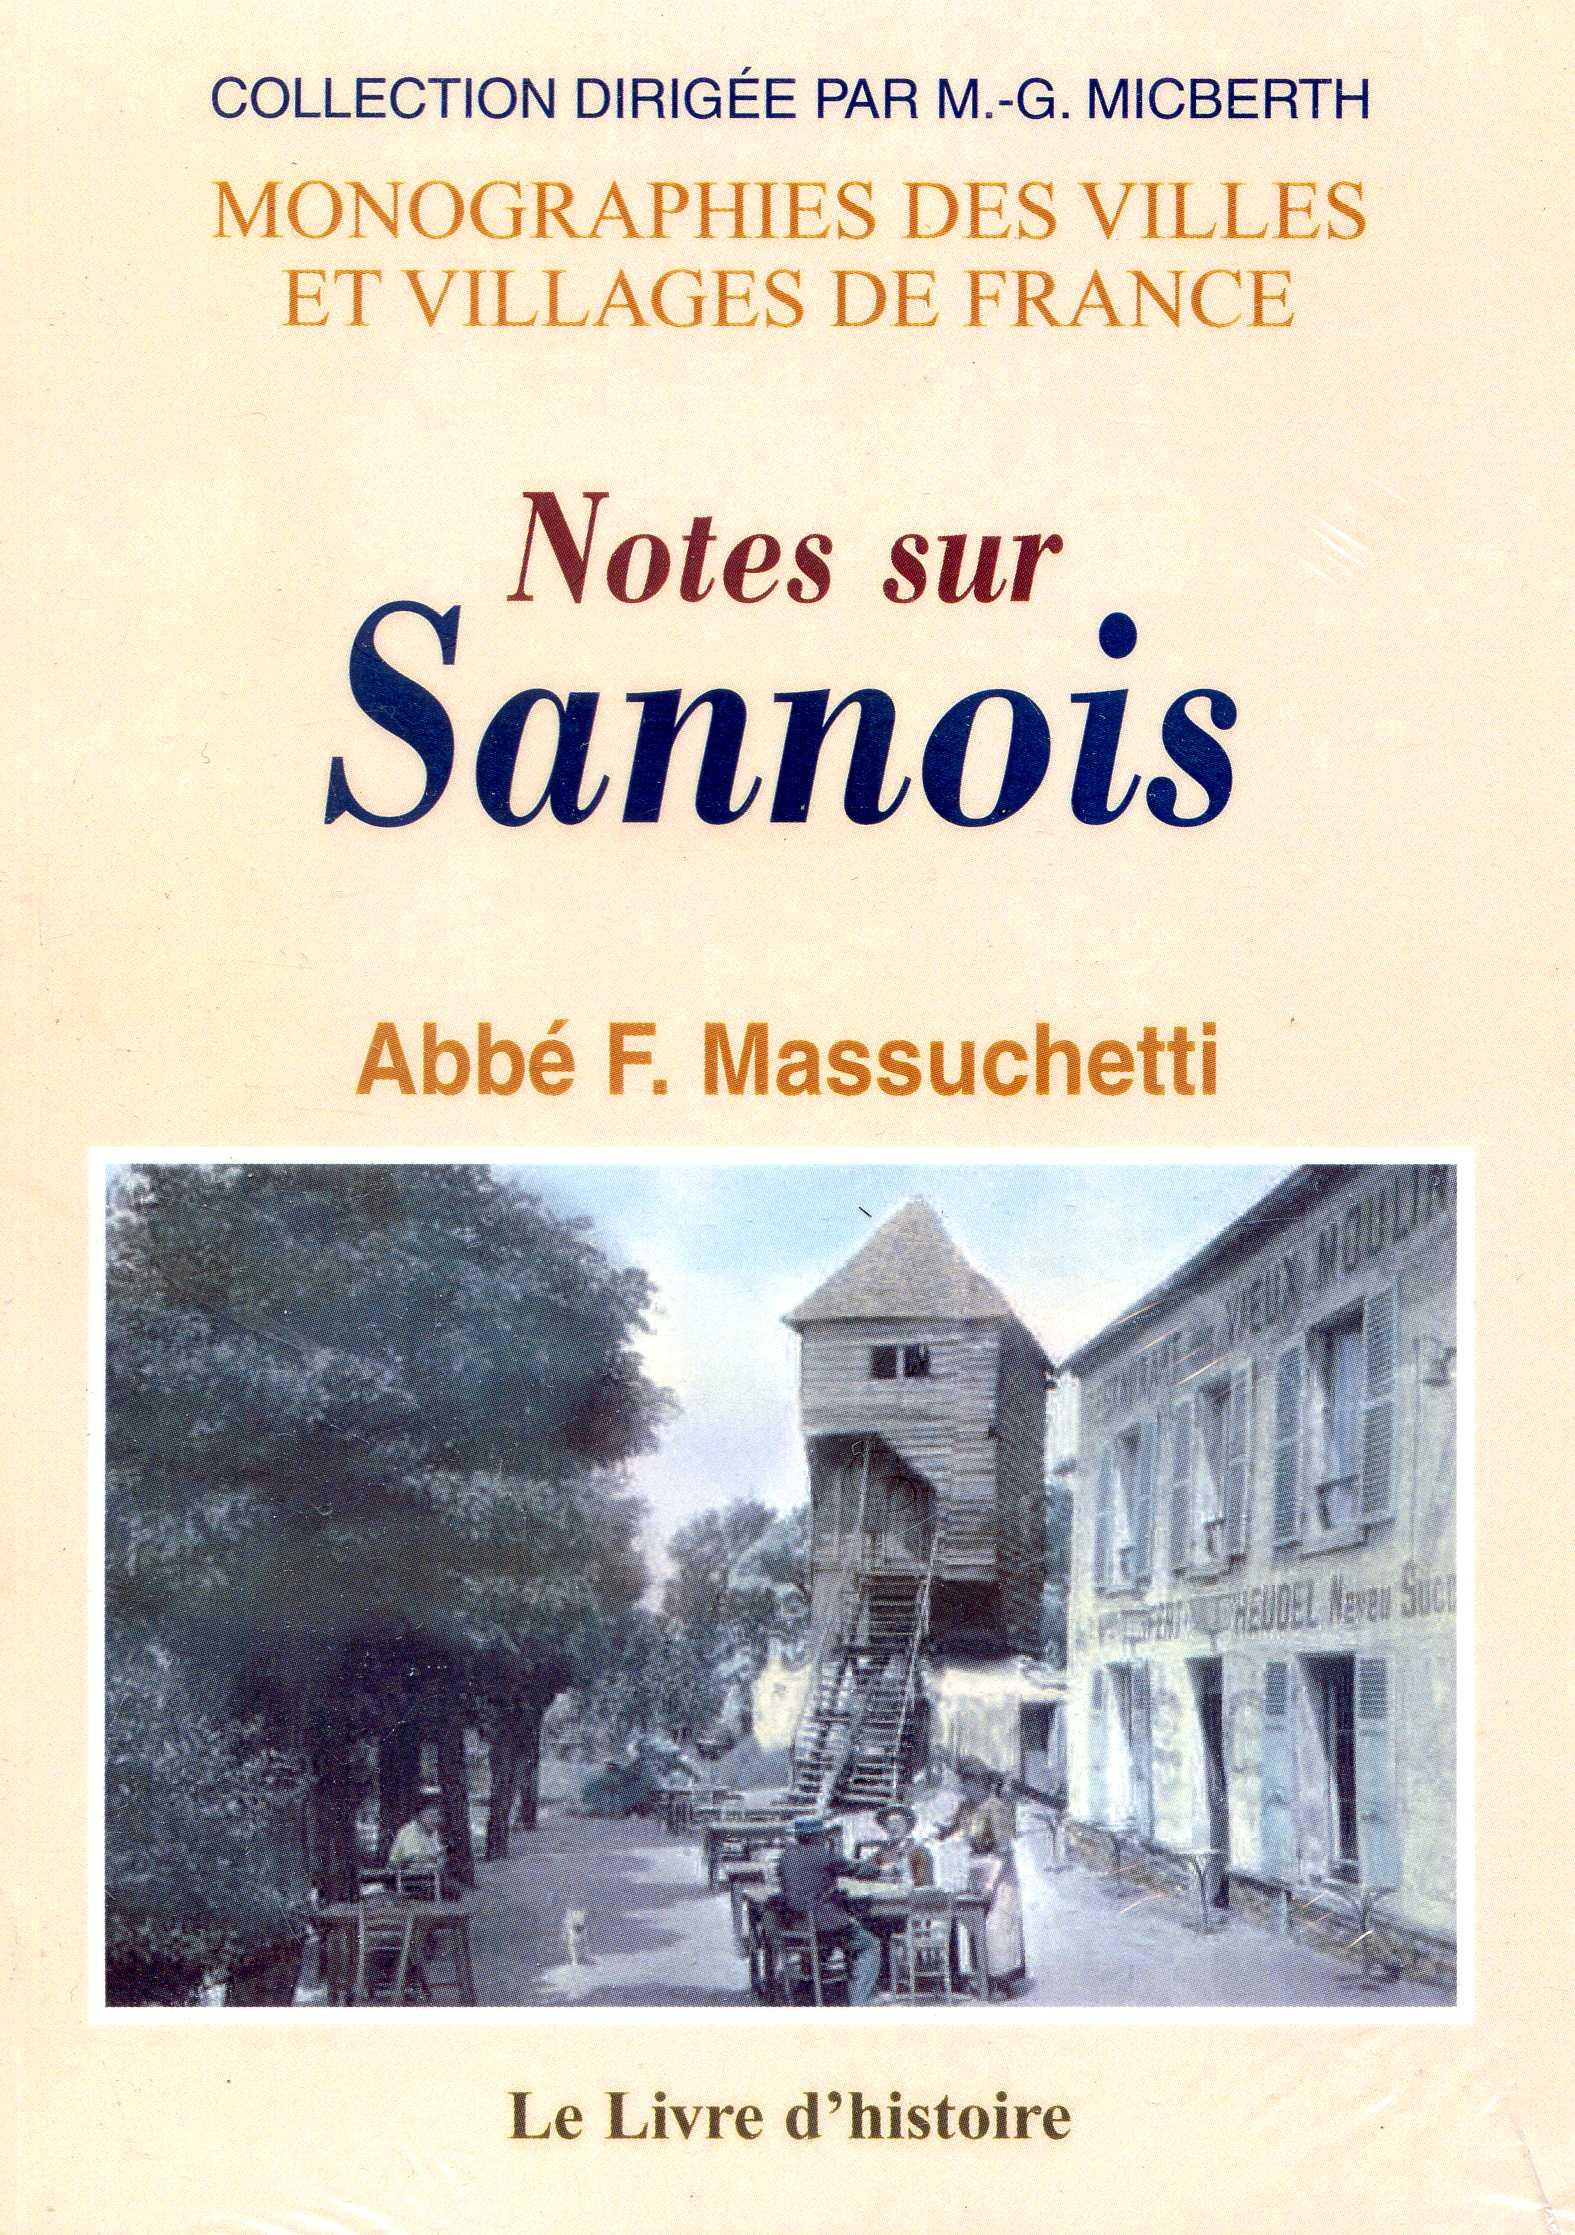 NOTES SUR SANNOIS de l'Abbé F. Massuchetti